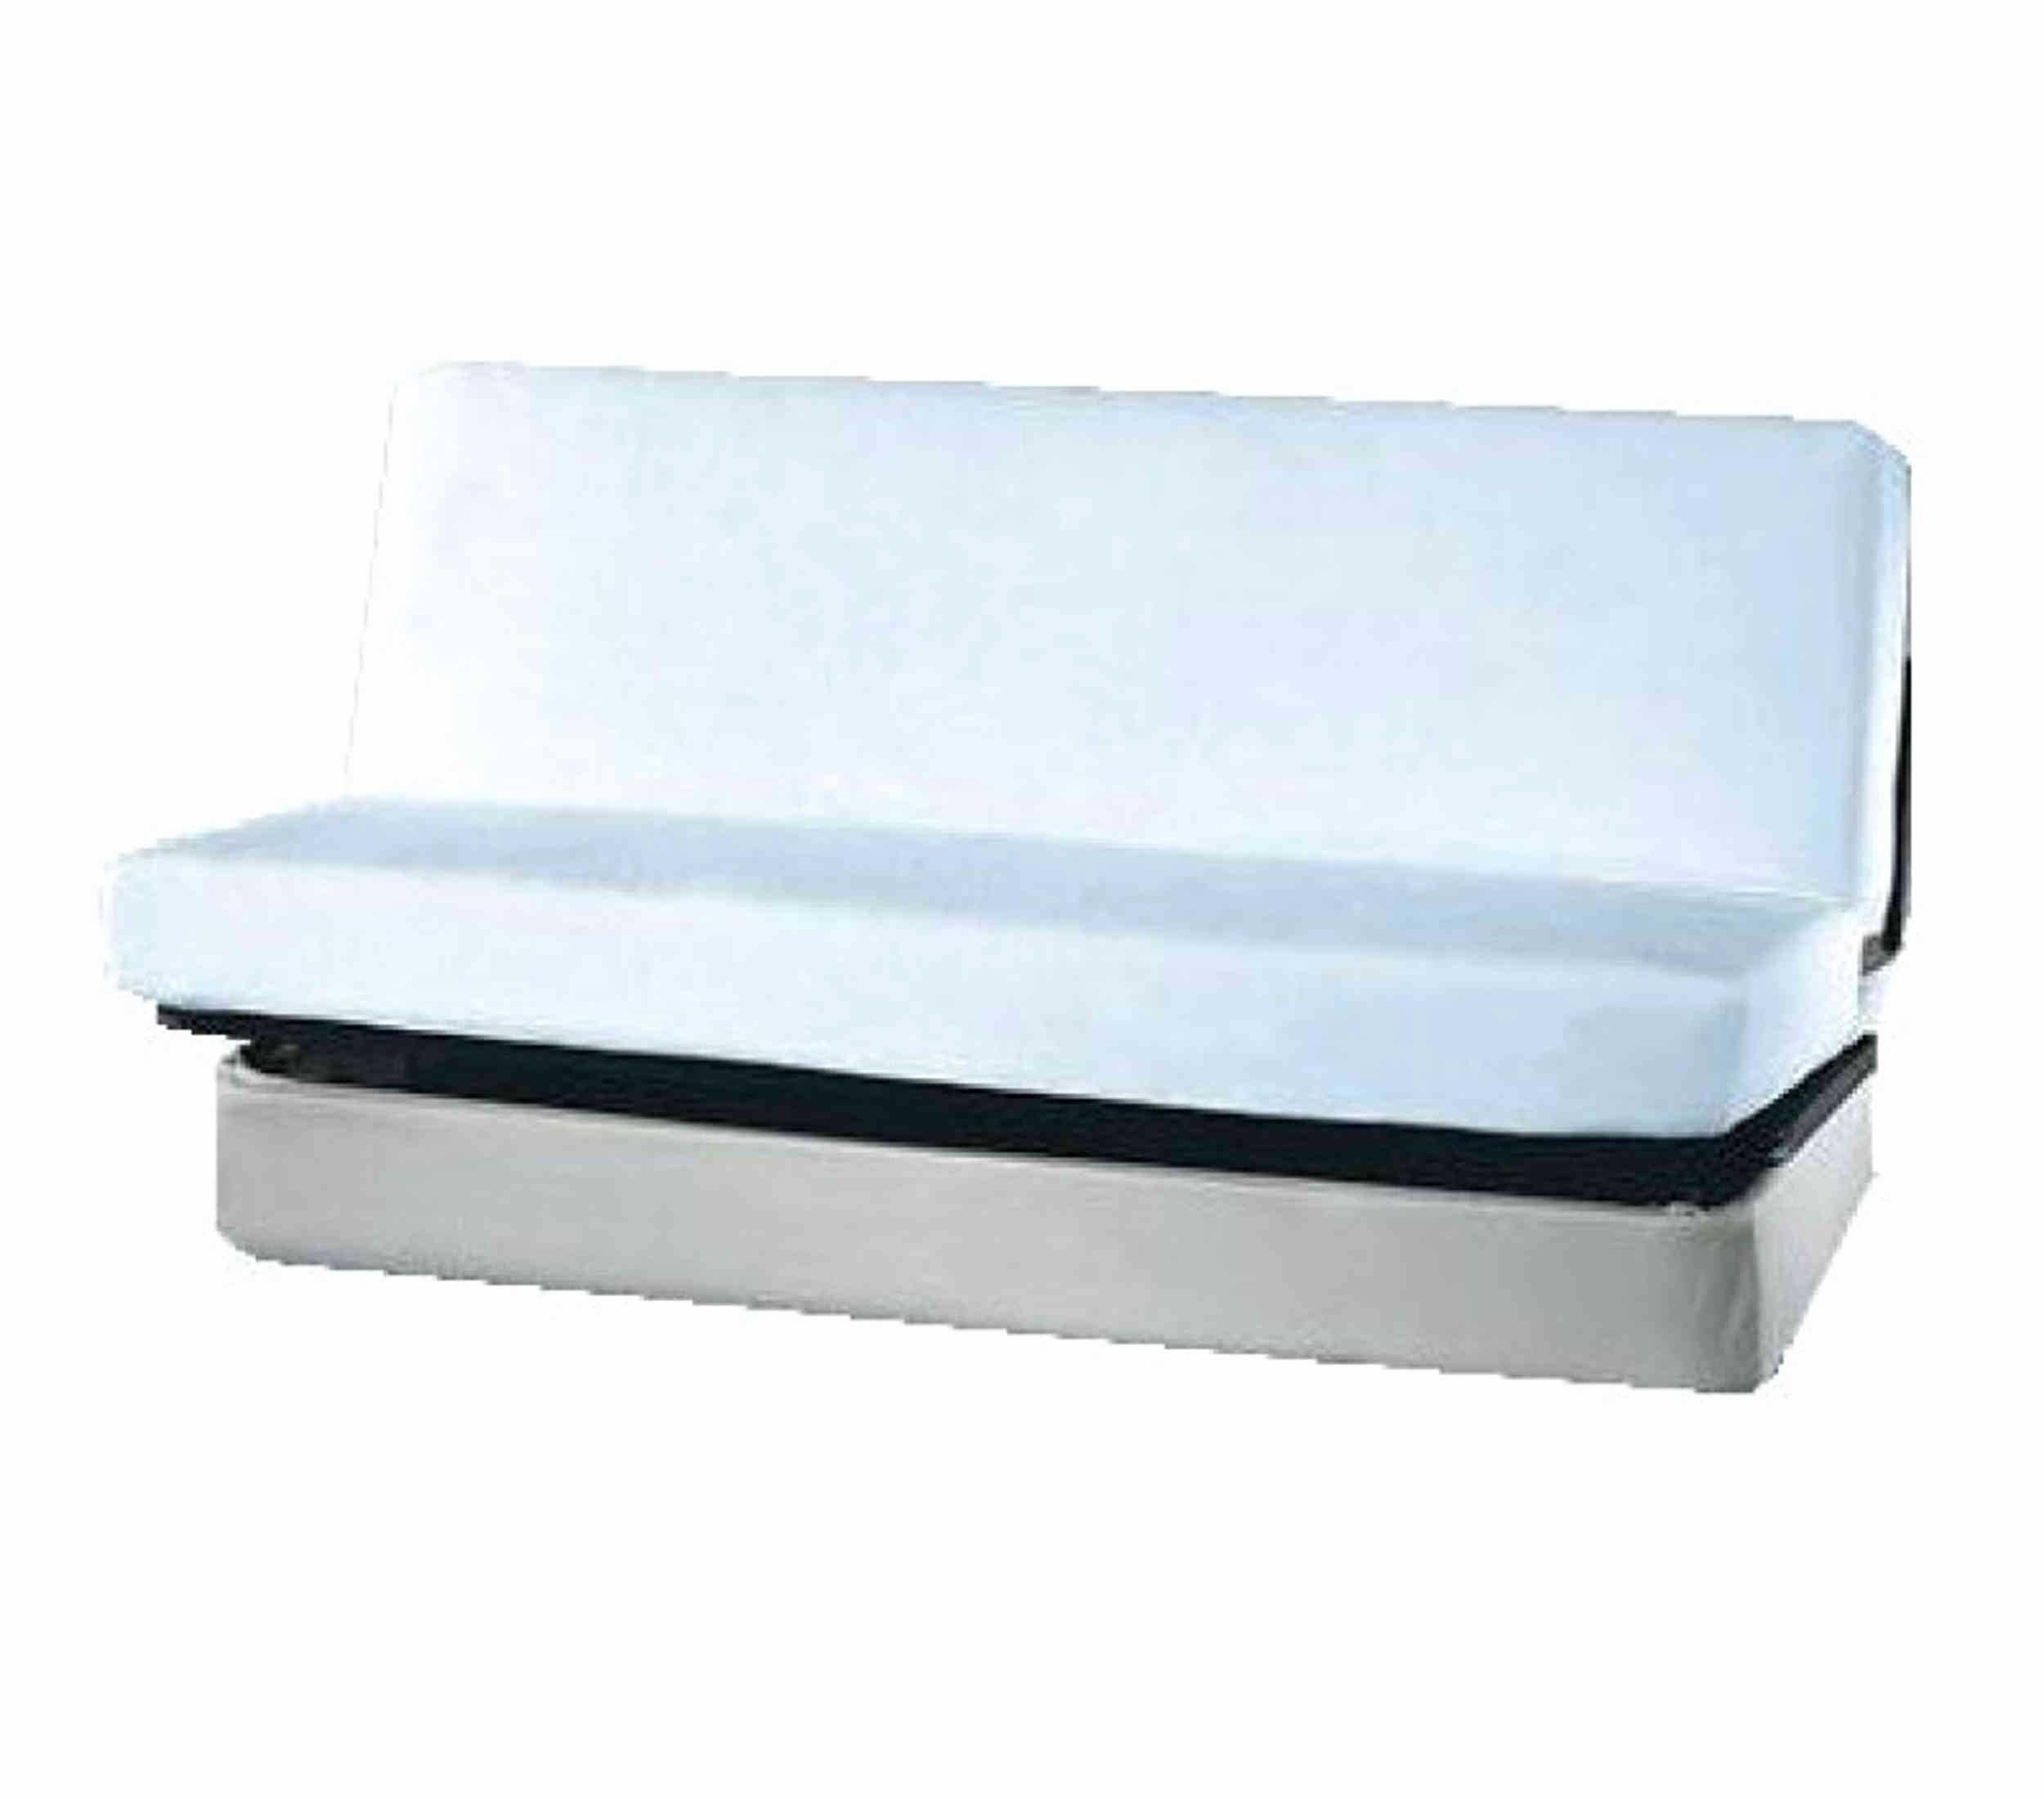 Canapé Lit Couchage Quotidien Ikea Joli Gracieux Canapé Lit Quoti N Et 32 De Luxes Canapé Lit Couchage